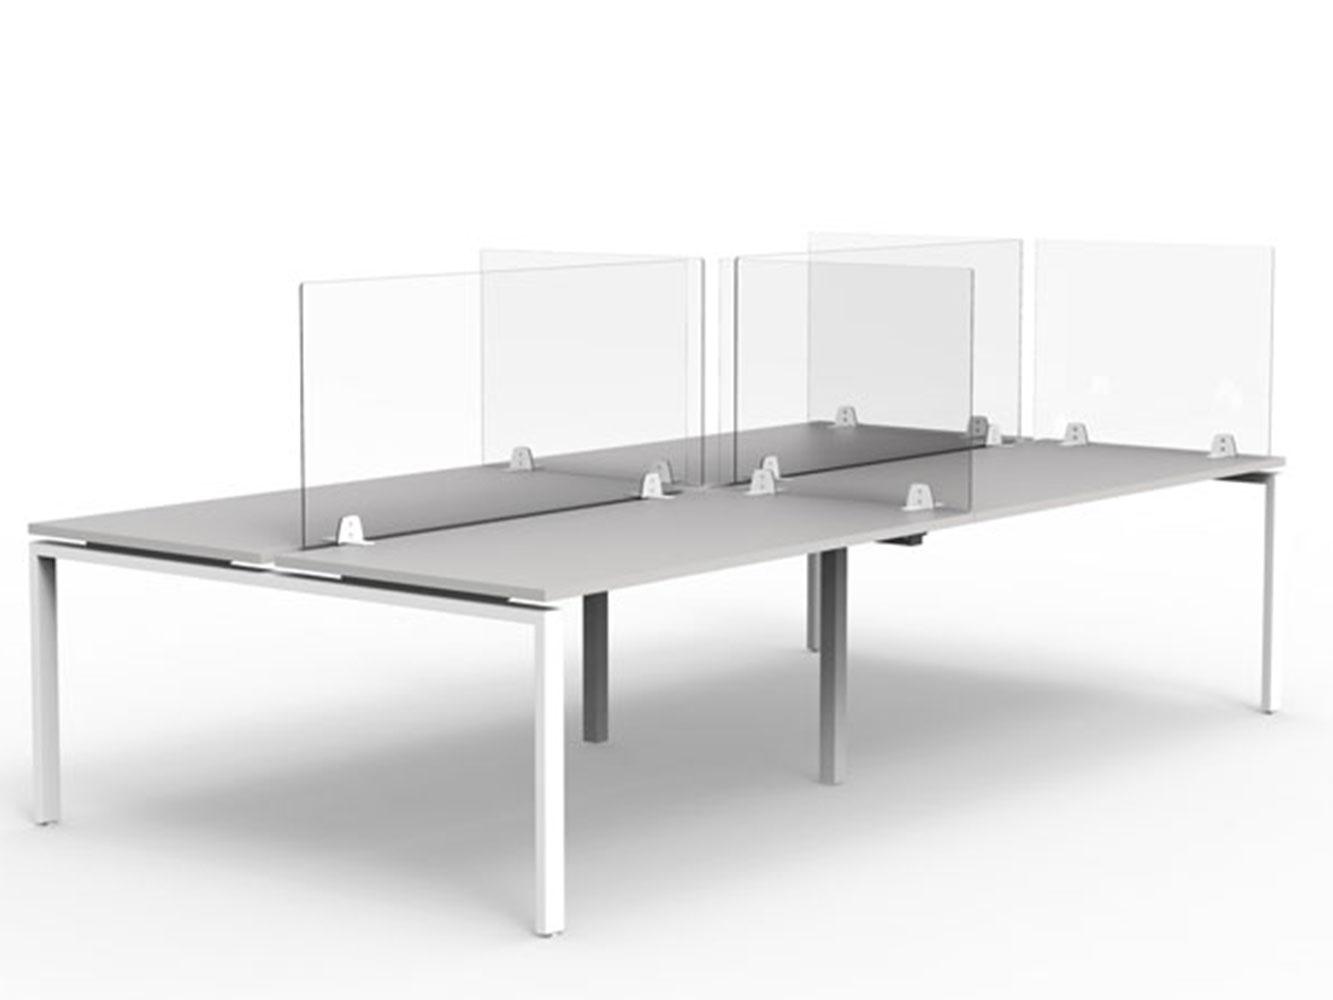 Panneaux de séparation pour bureaux en open space, dispositif global concept